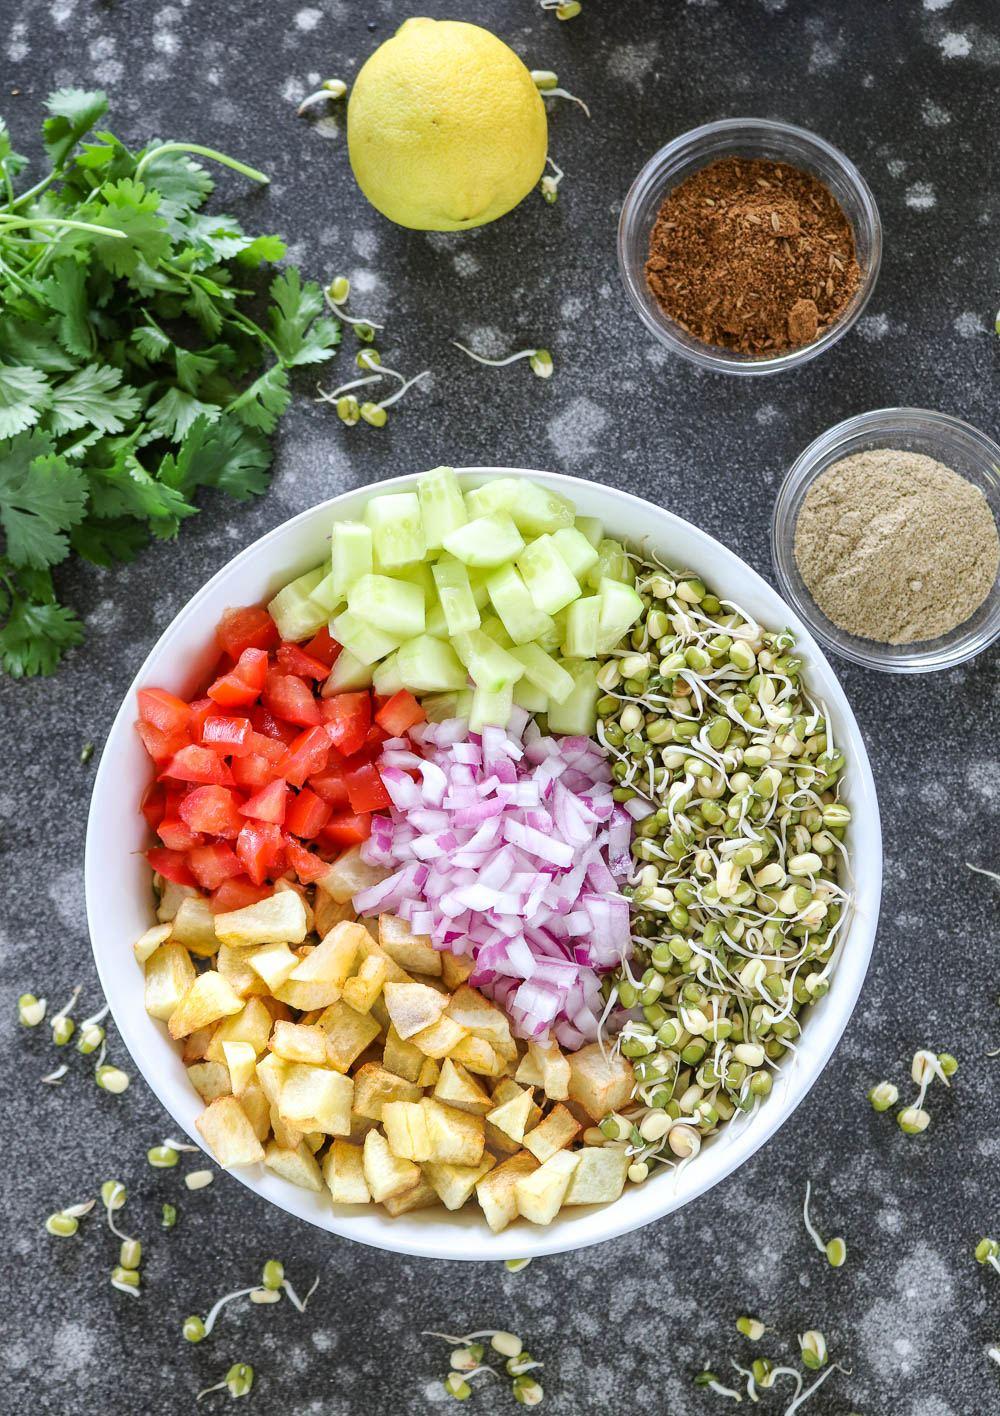 Assembled sprouts salad - Ruchiskitchen